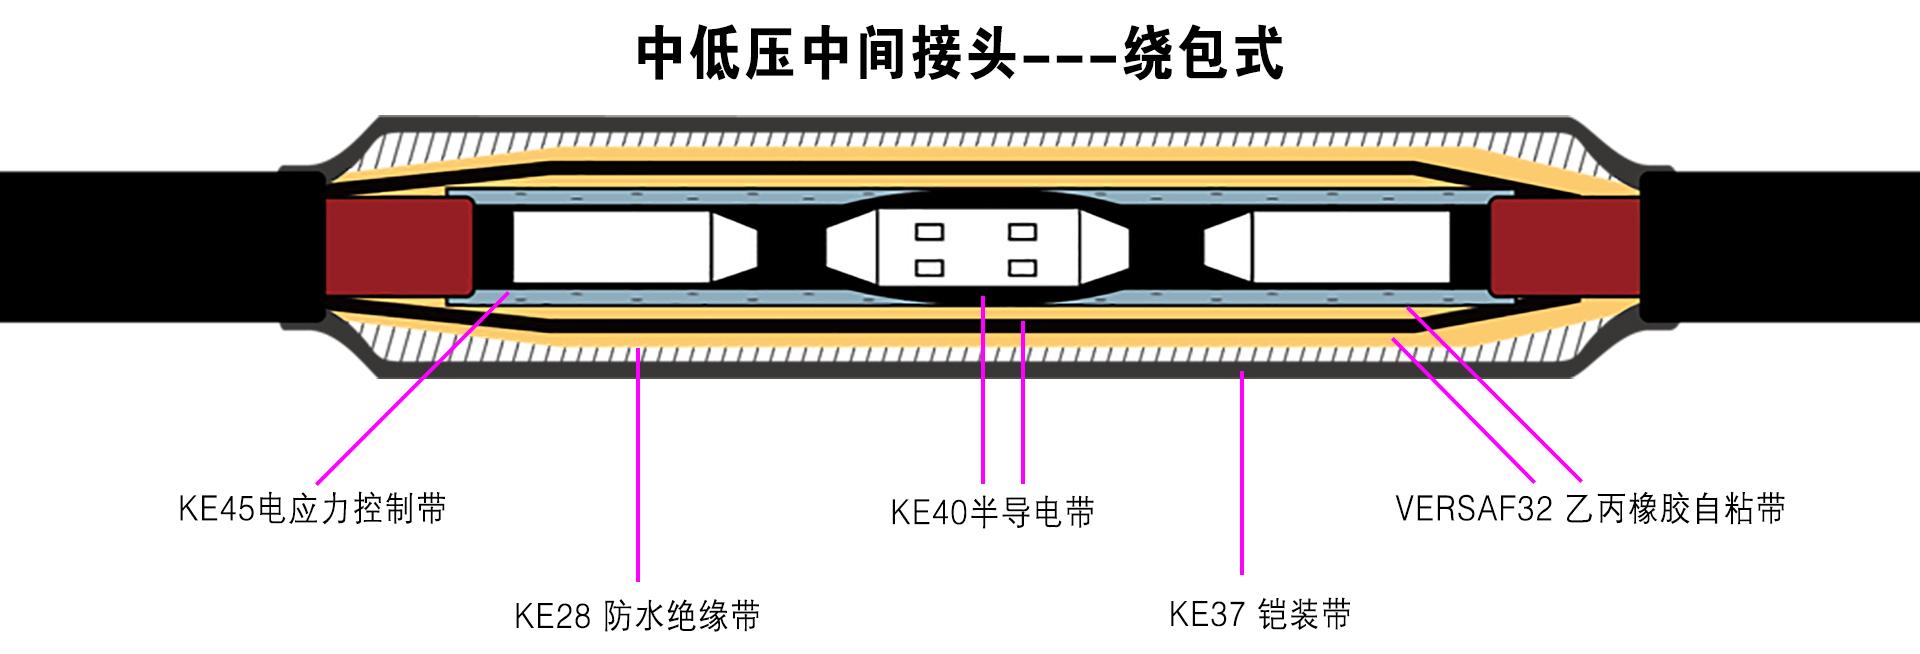 绕包式中间接头绝缘-c1000-600-7-12+5-12